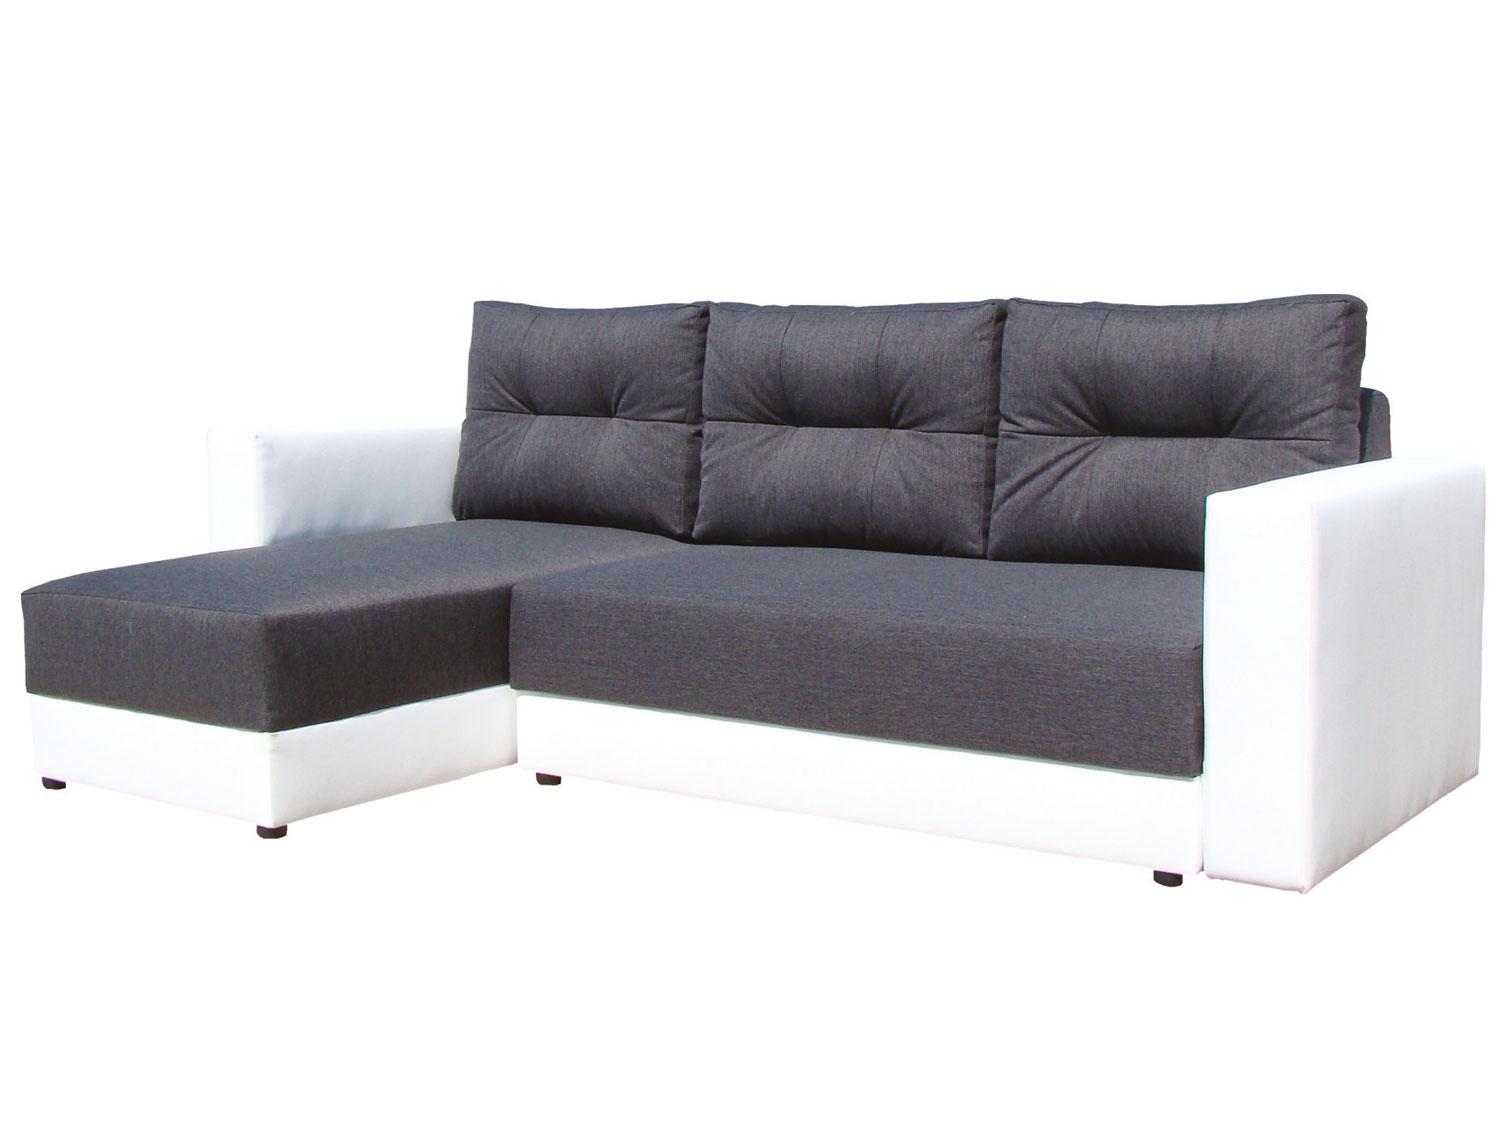 Rohová sedací souprava - Famm - Alex tmavě šedá + koženka bílá (L)